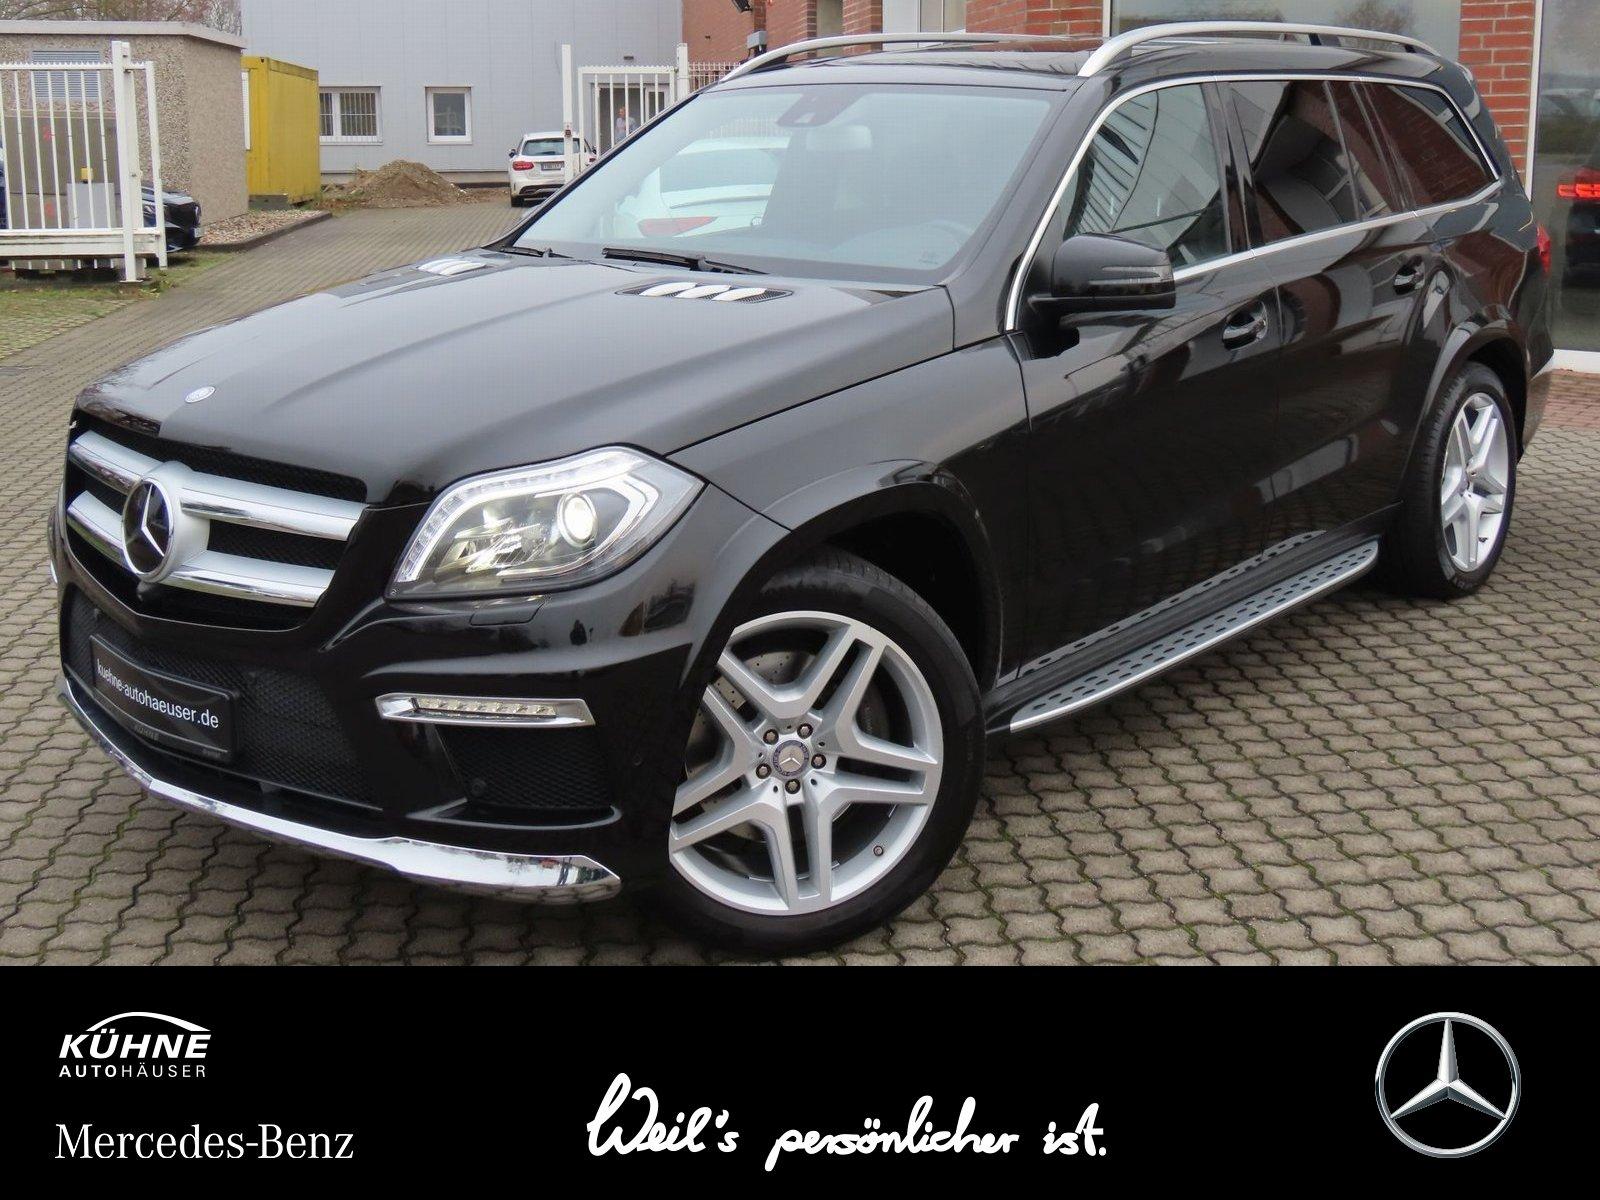 Mercedes-Benz GL 350 BT 4M AMG COMAND STAND ESSD AHK 21Z AIR, Jahr 2014, Diesel